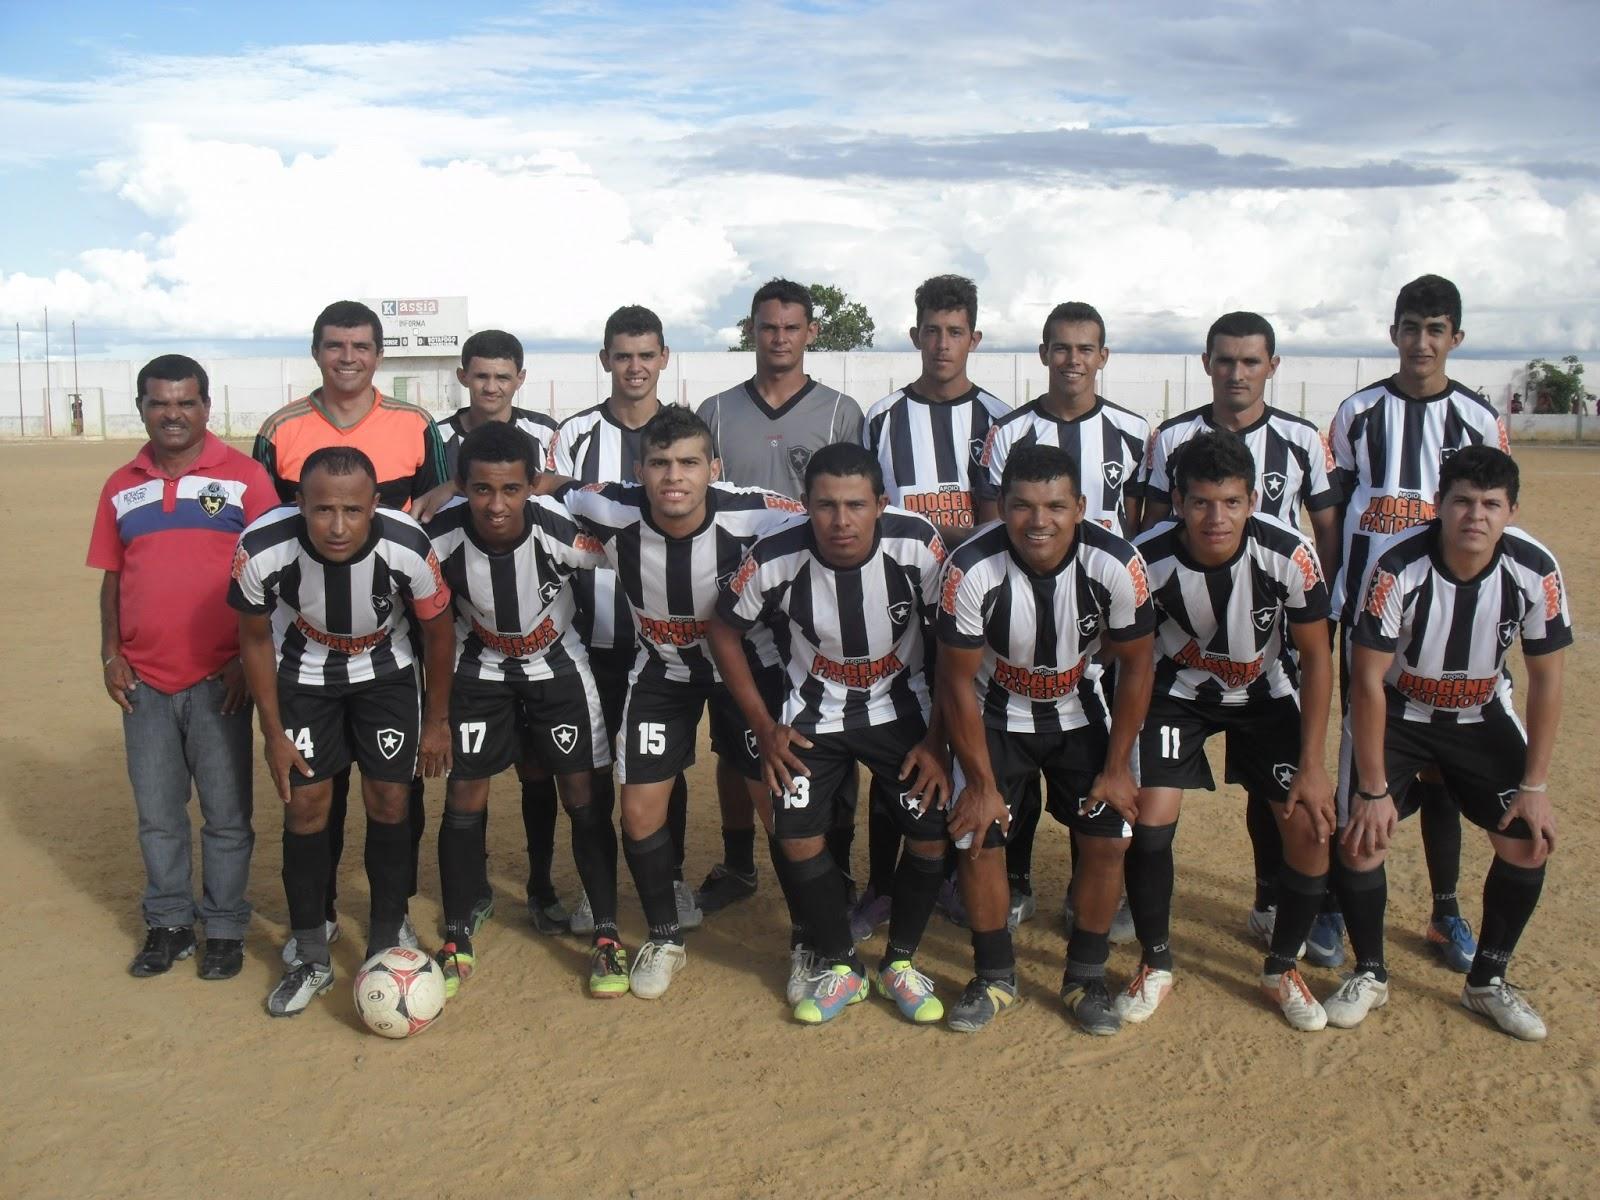 O Botafogo Futebol Clube de Tuparetama 31d72ace22a25